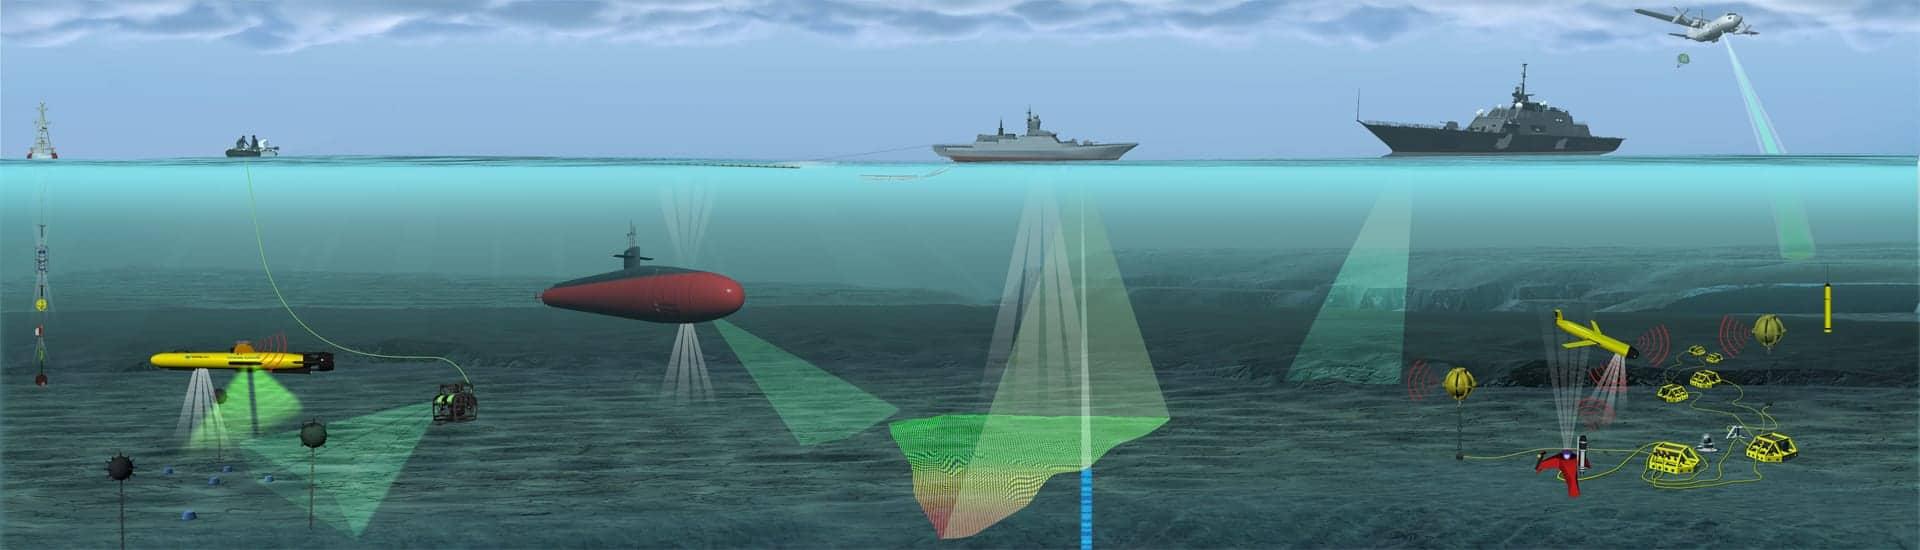 ROVs AUVs USVs for Defense applications